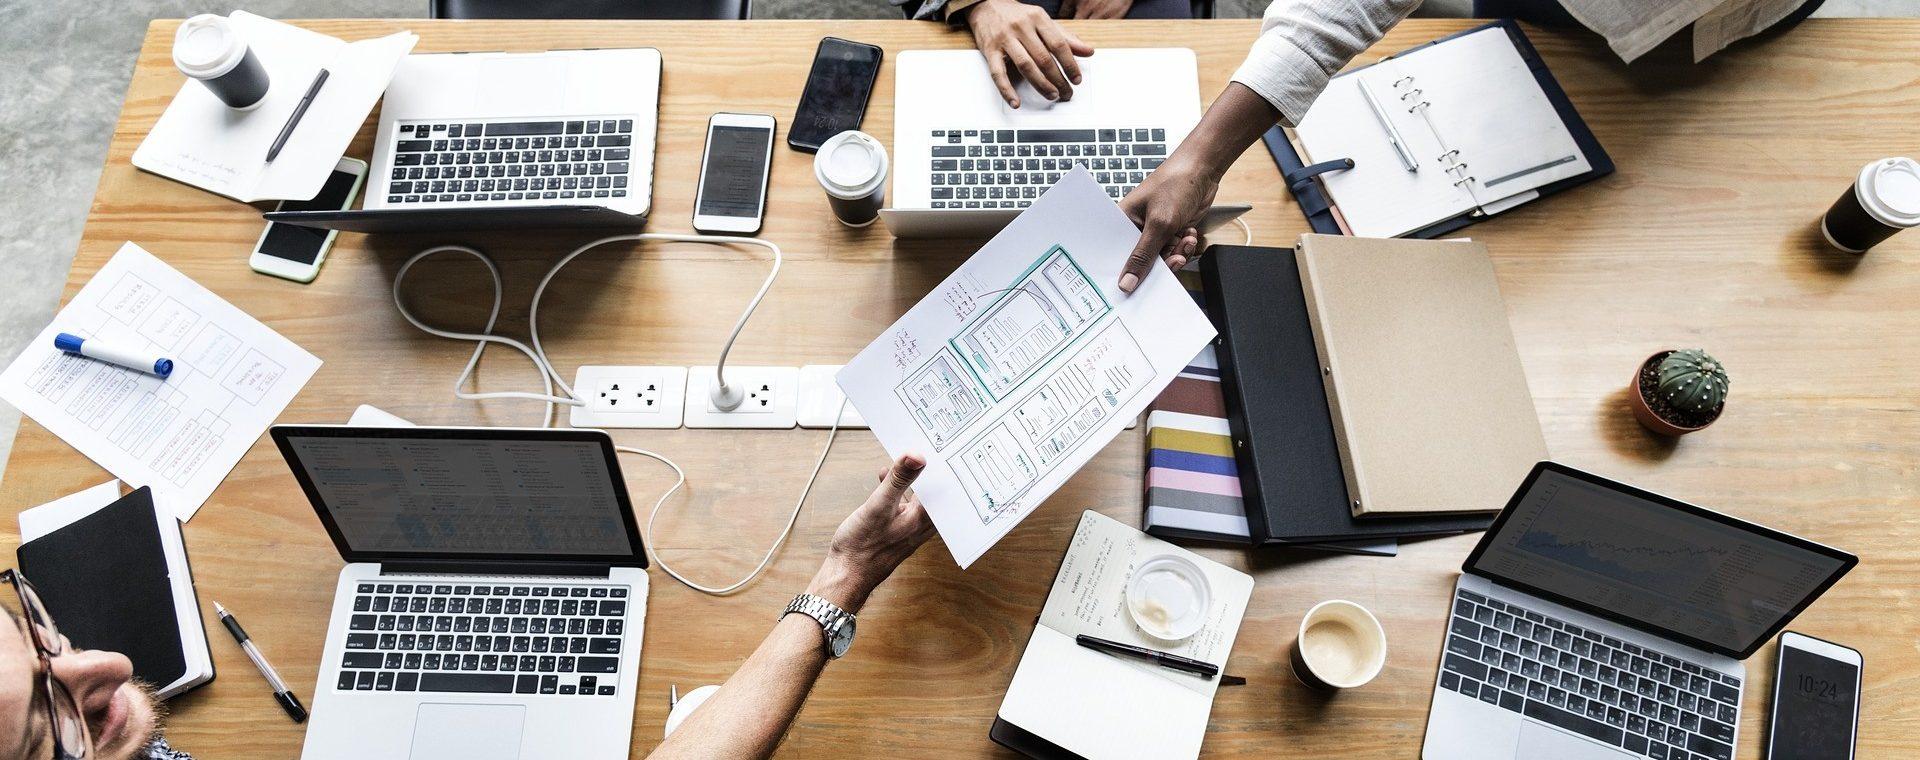 OISAIR: 100 tecnologie cercano imprese per il co-sviluppo